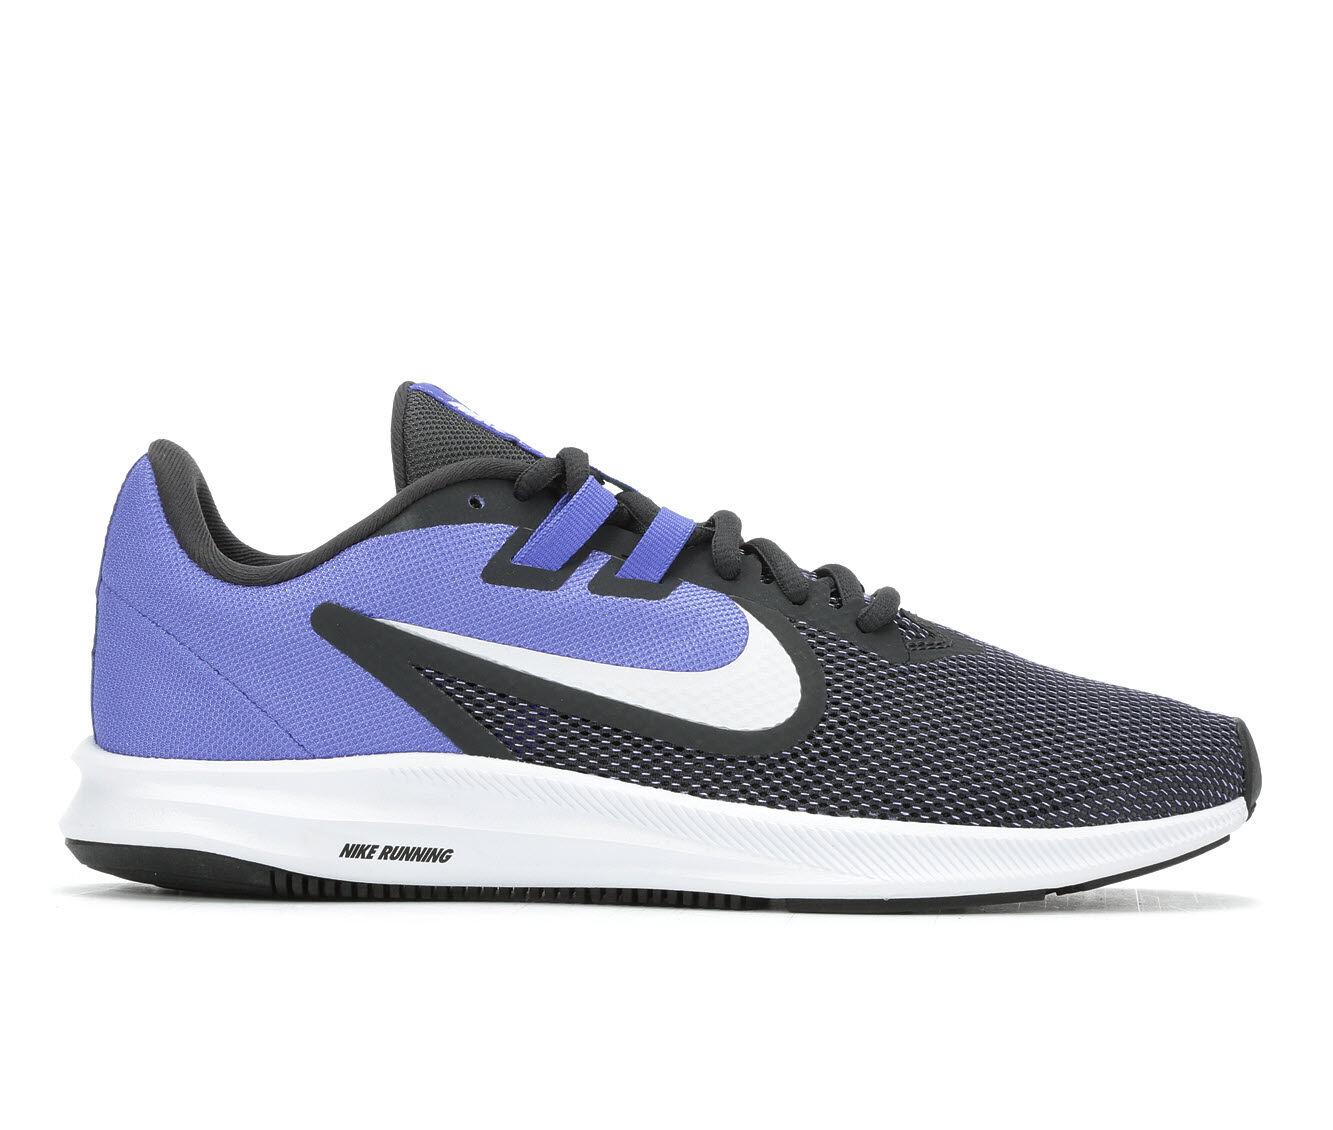 Women's Nike Downshifter 9 Running Shoes Blu/Blk/Wht